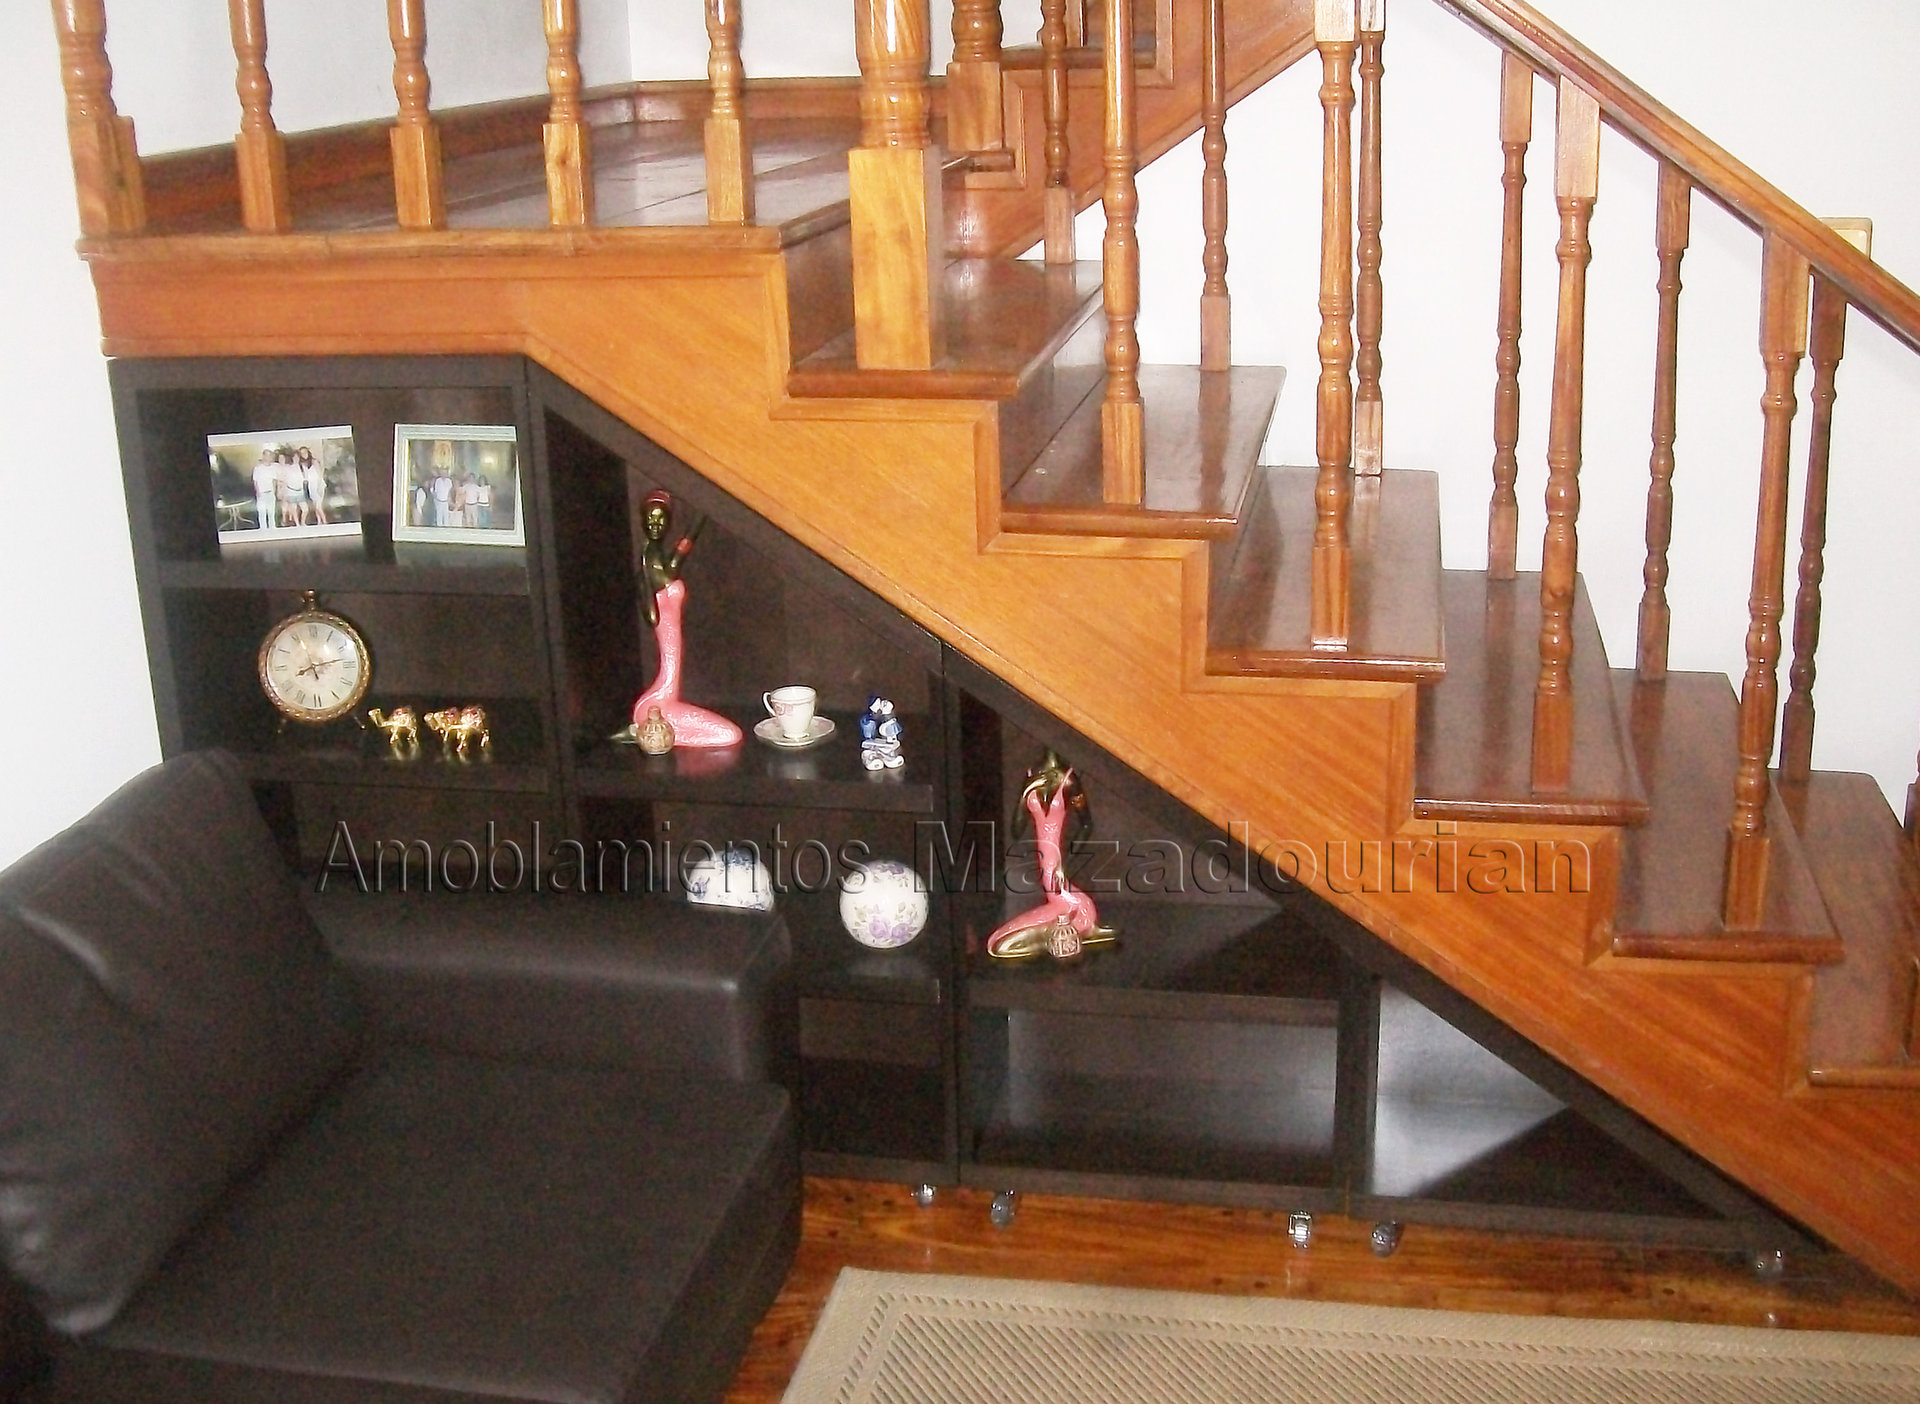 Amoblamientos mazadourian muebles a medida mueble bajo for Muebles bajo escalera